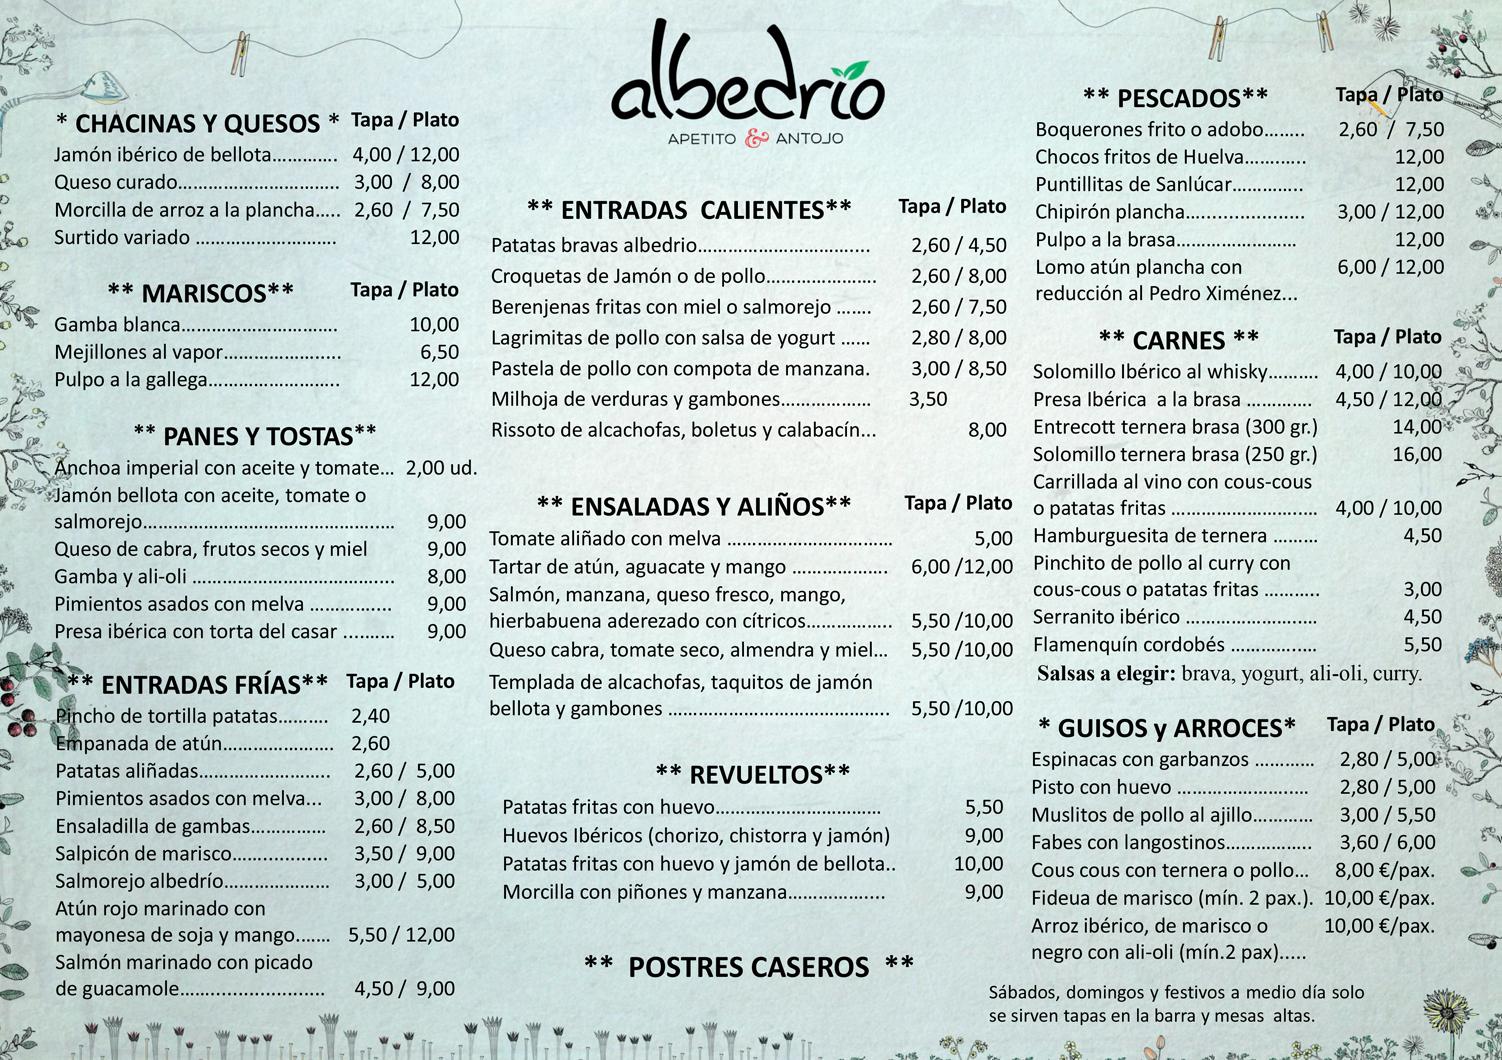 Albedrío-Carta-nueva